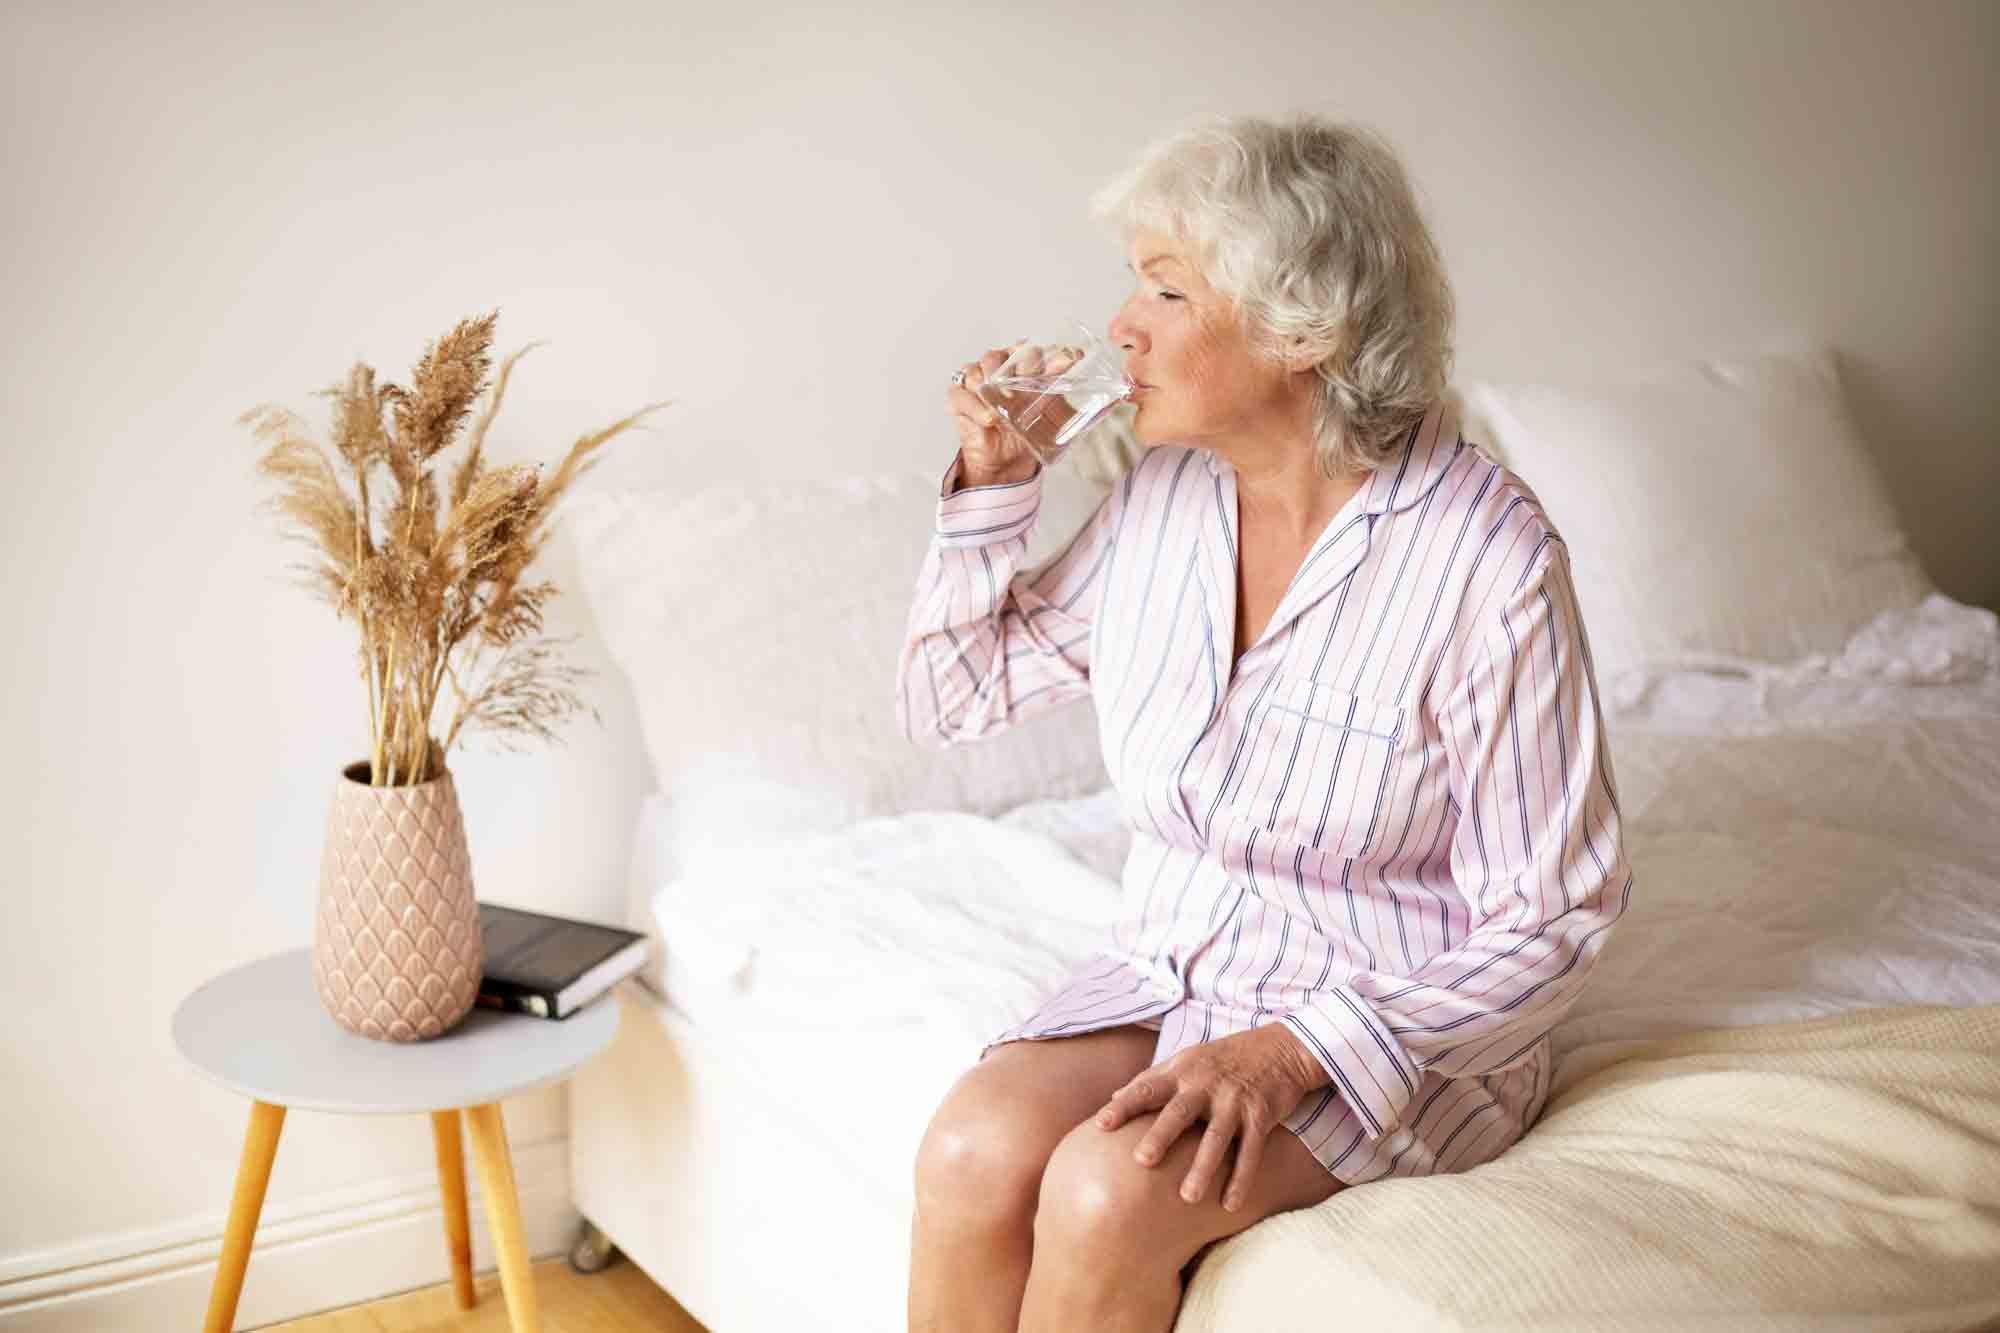 boire, boire et boire pour lutter contre la déshydratation